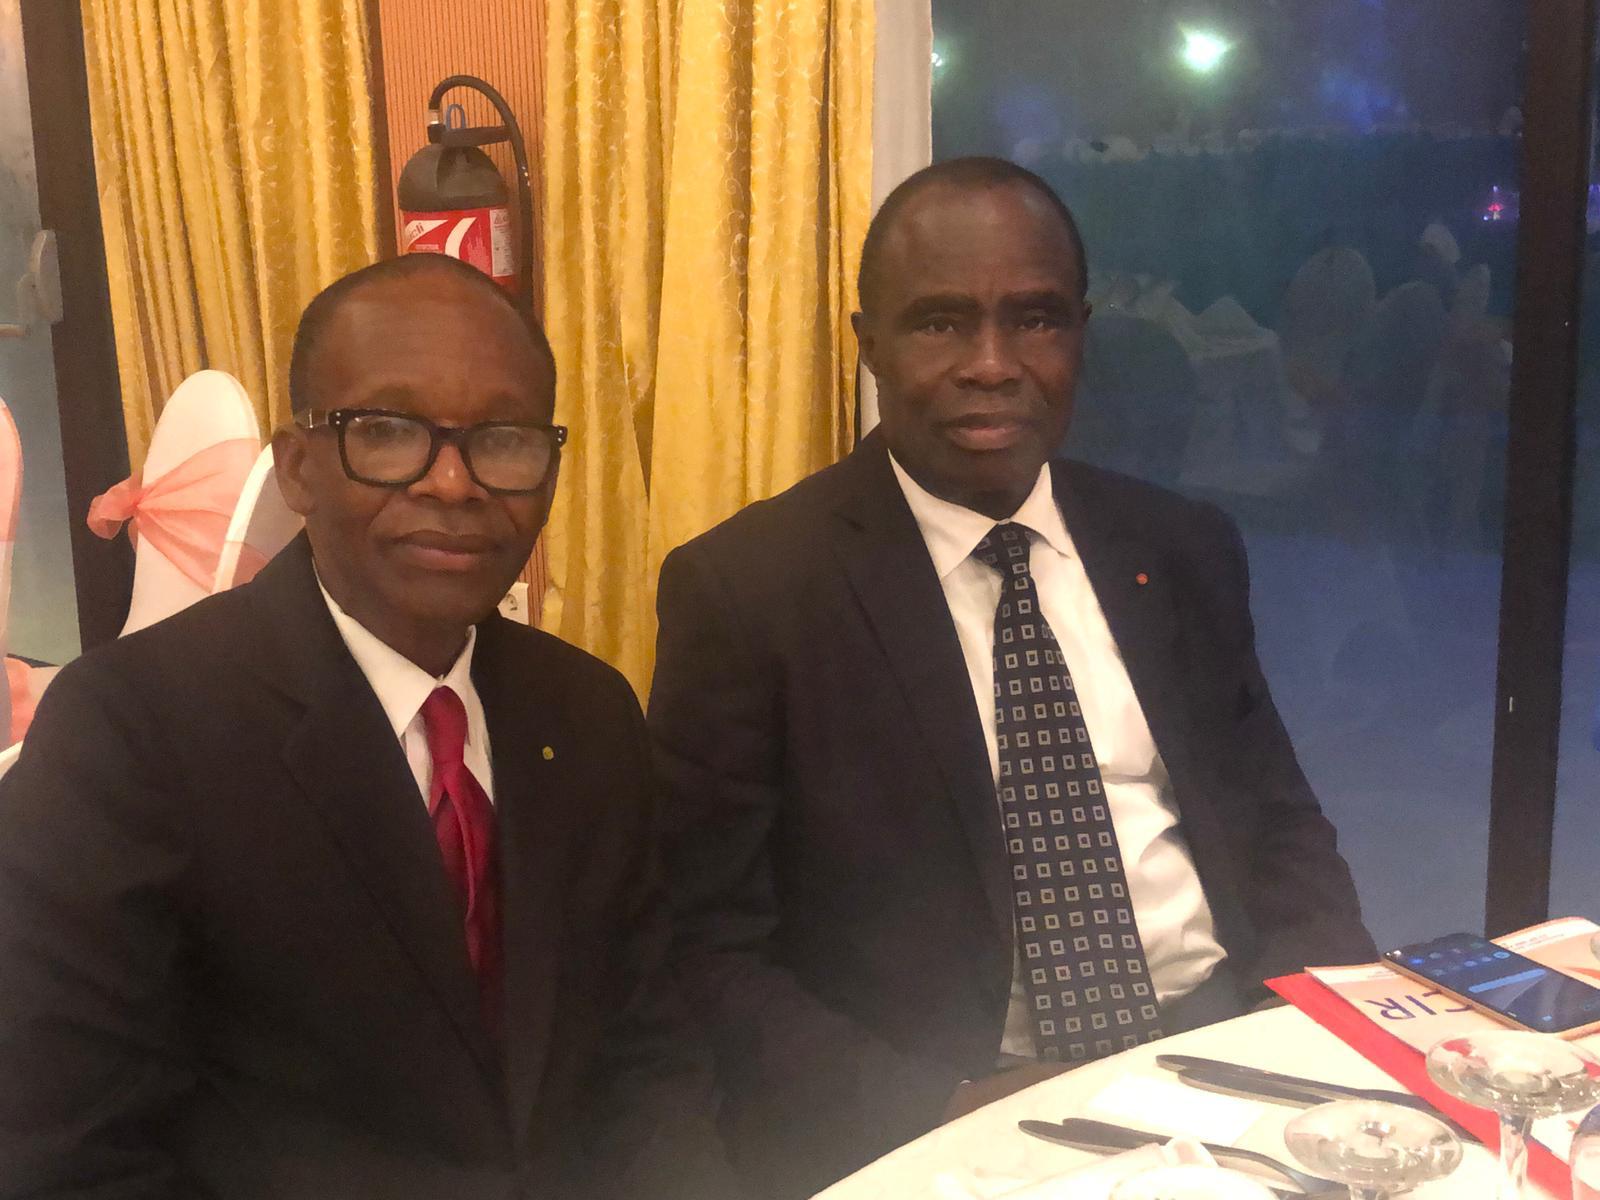 Réconciliation nationale:  Le geste fort de Ouattara aux barons du régime Gbagbo